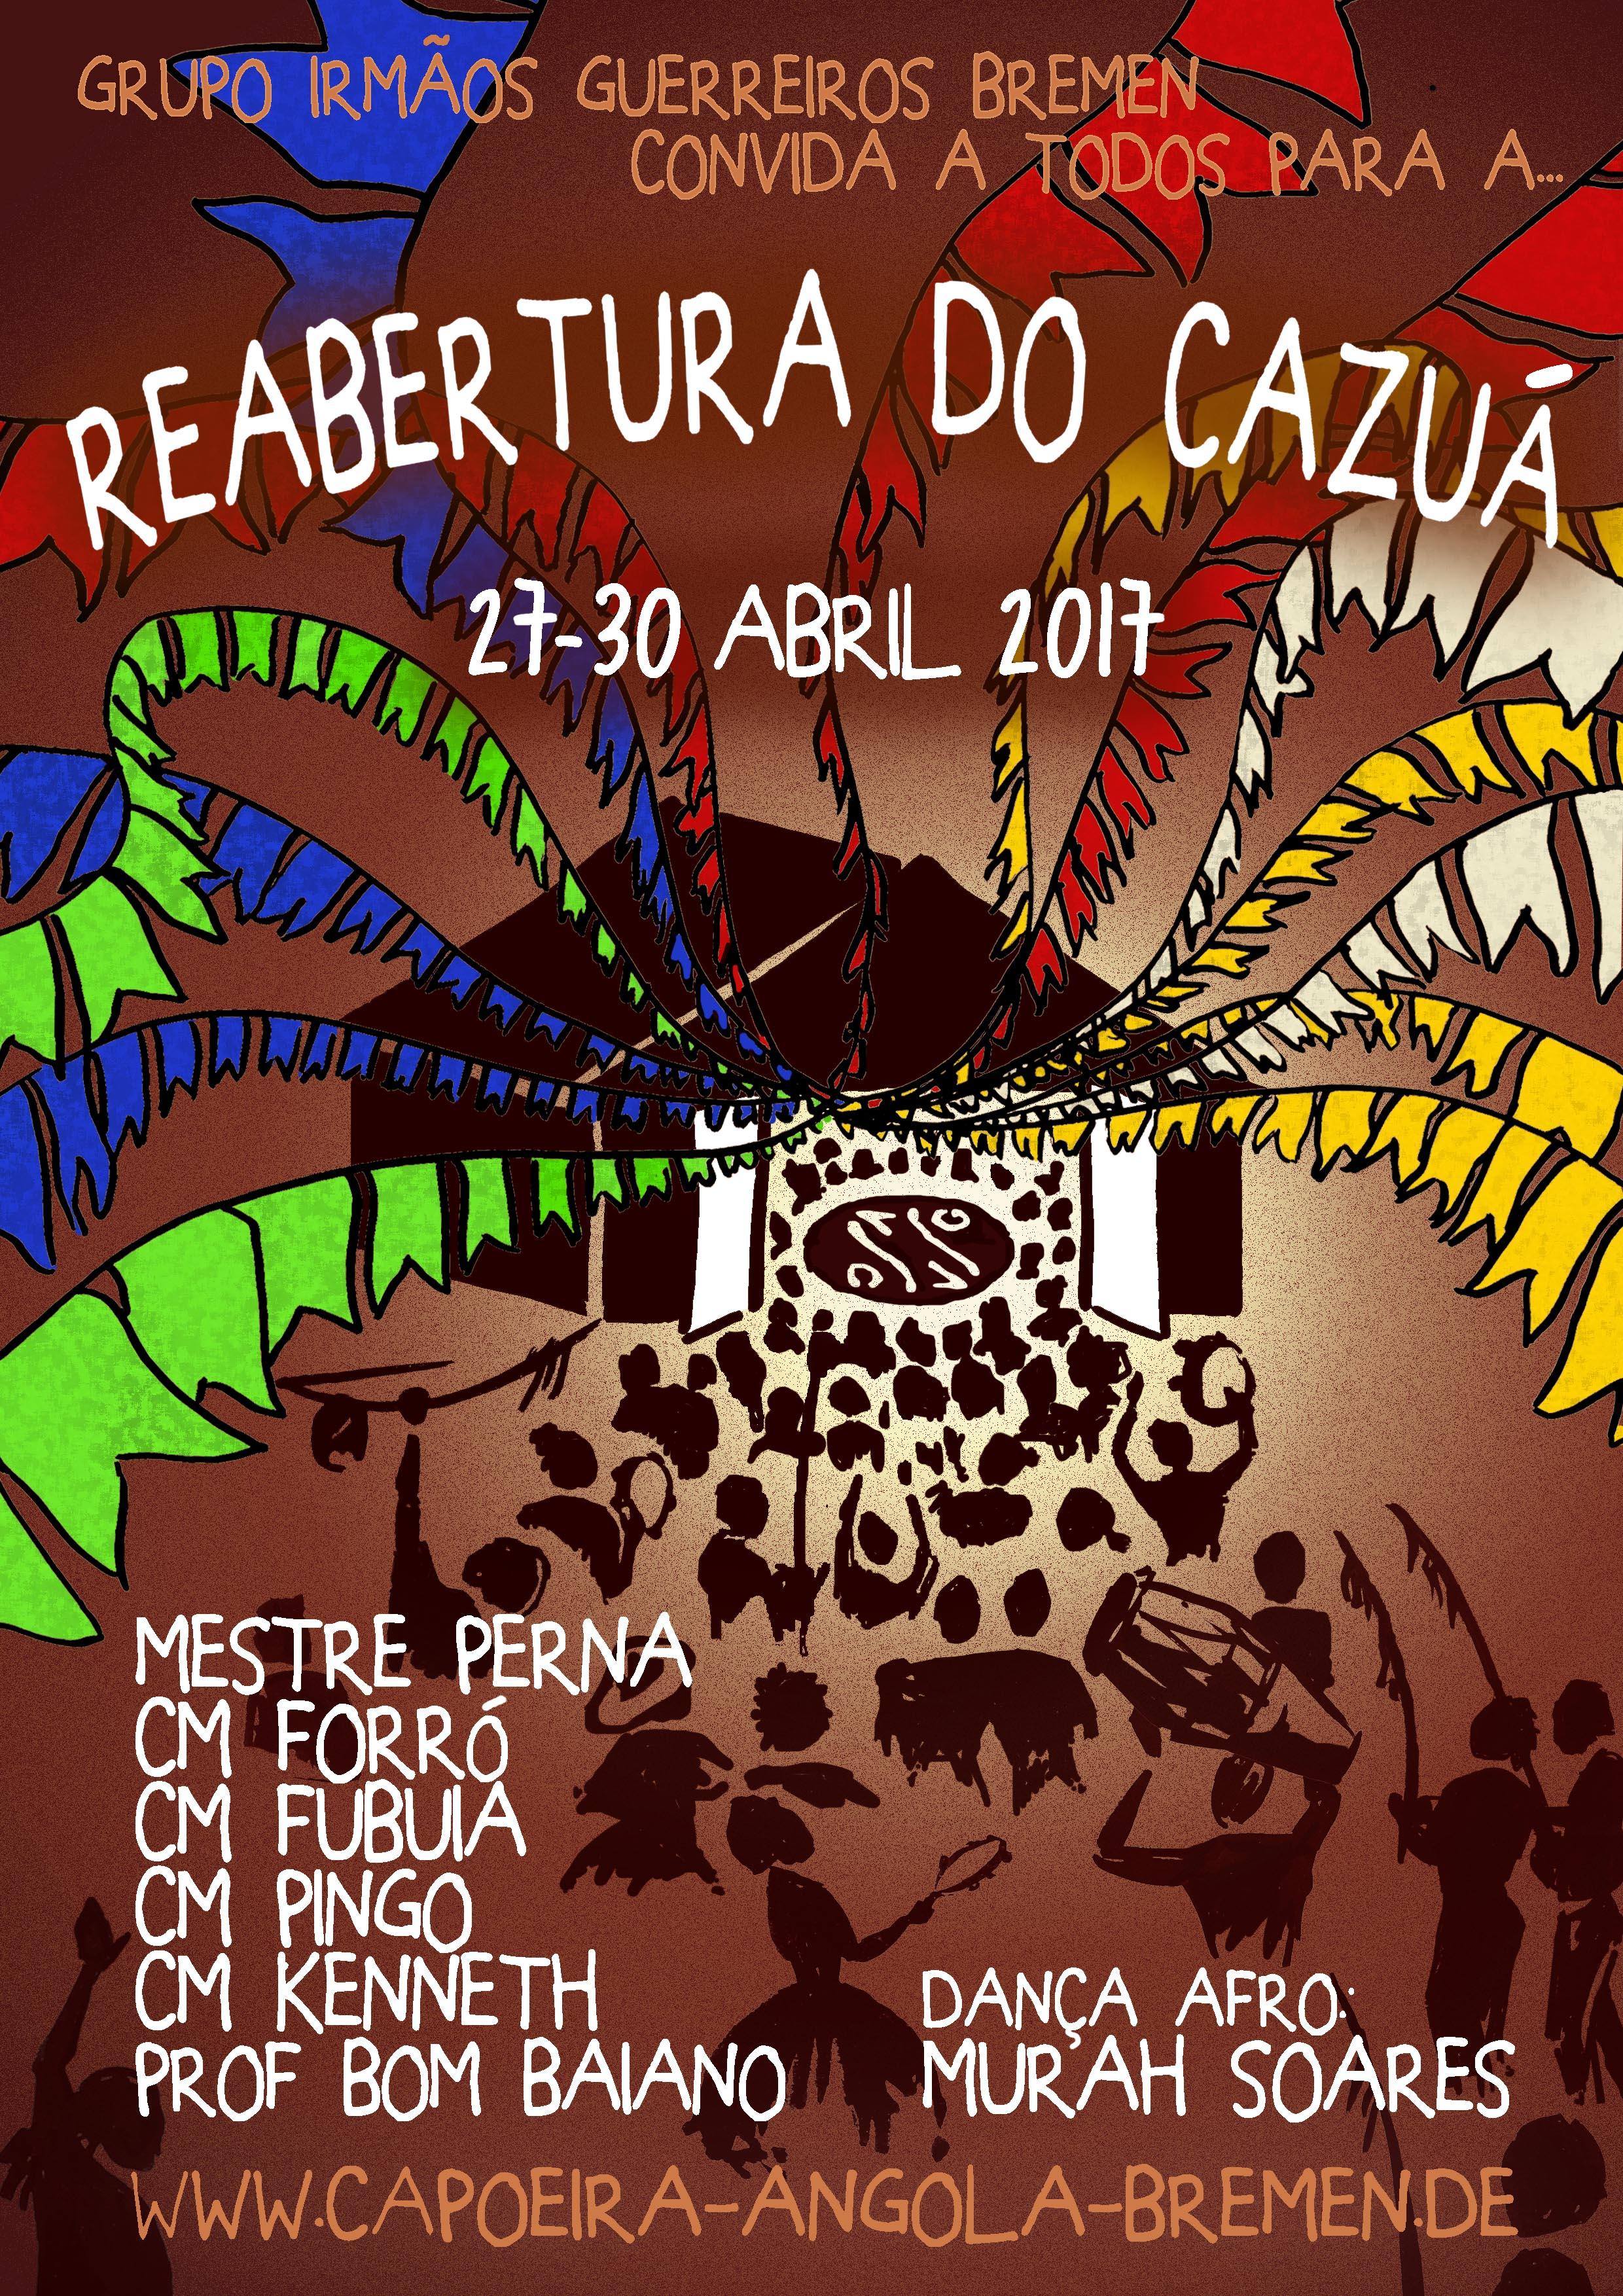 ReaberturaCazuaFlyer (2)